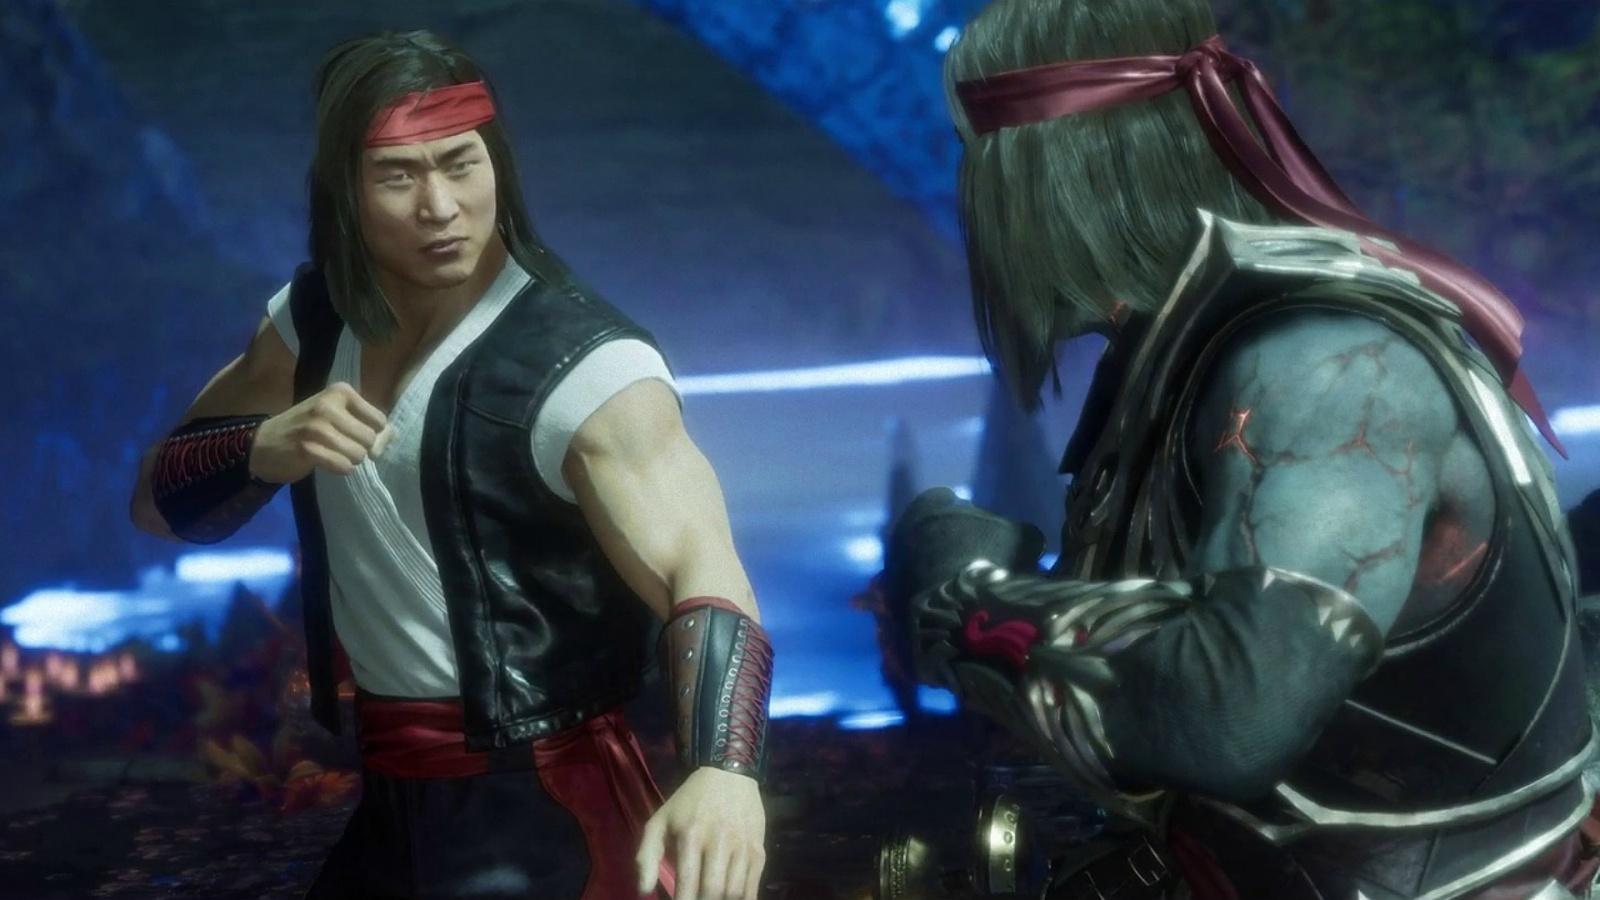 Травмирующая культура кранчей в студии-разработчике серии «Mortal Kombat» - 3